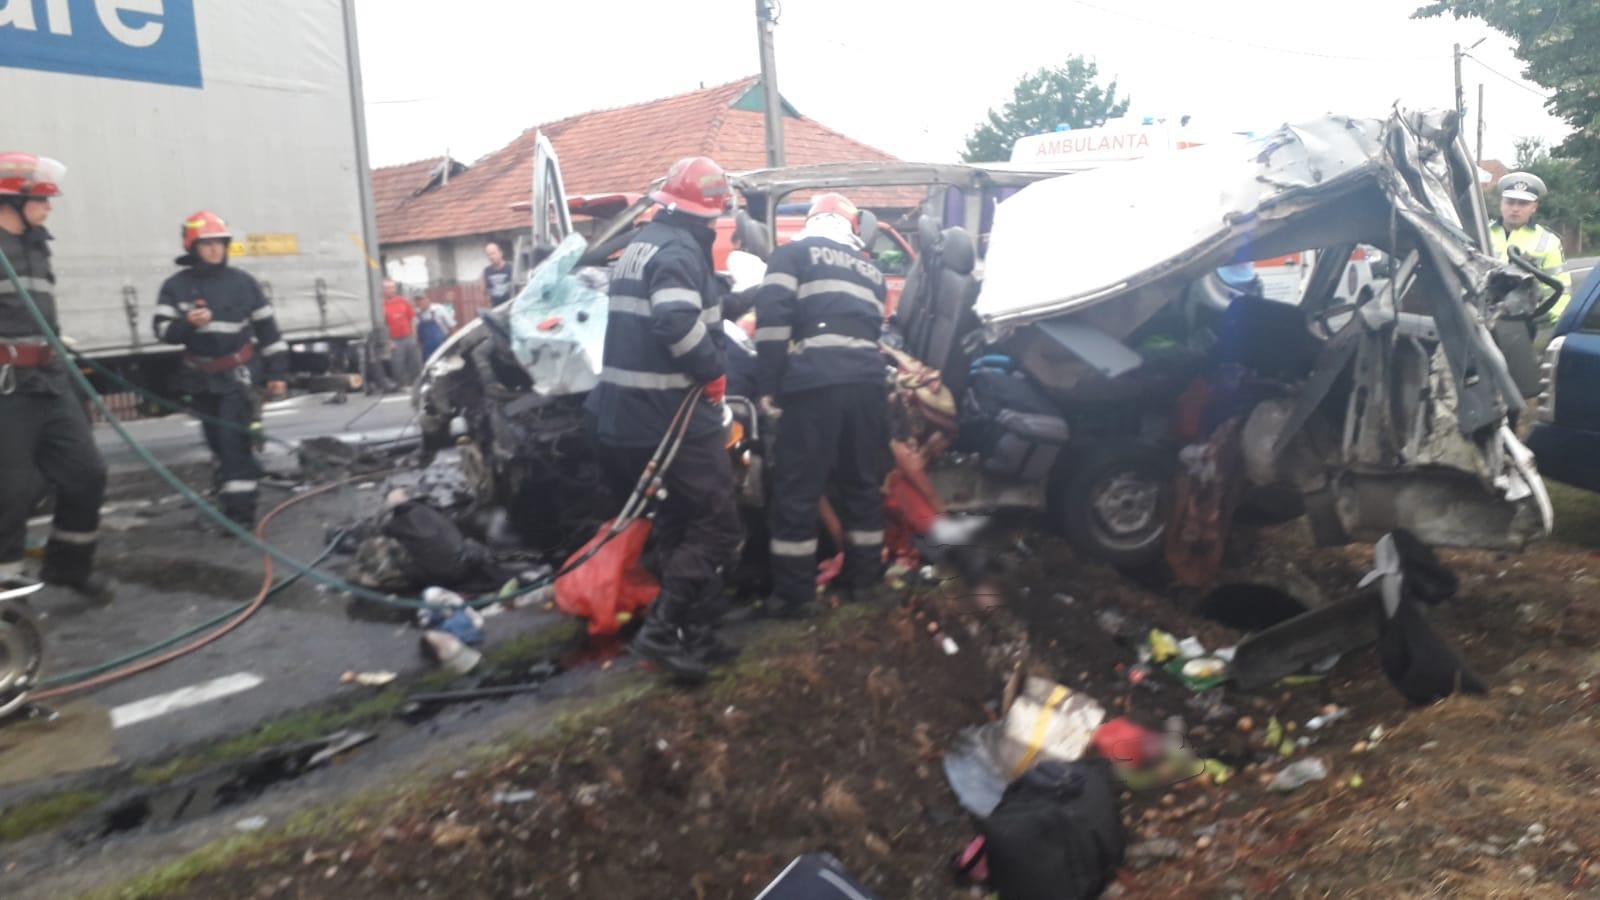 accident rutier uileacu de cris